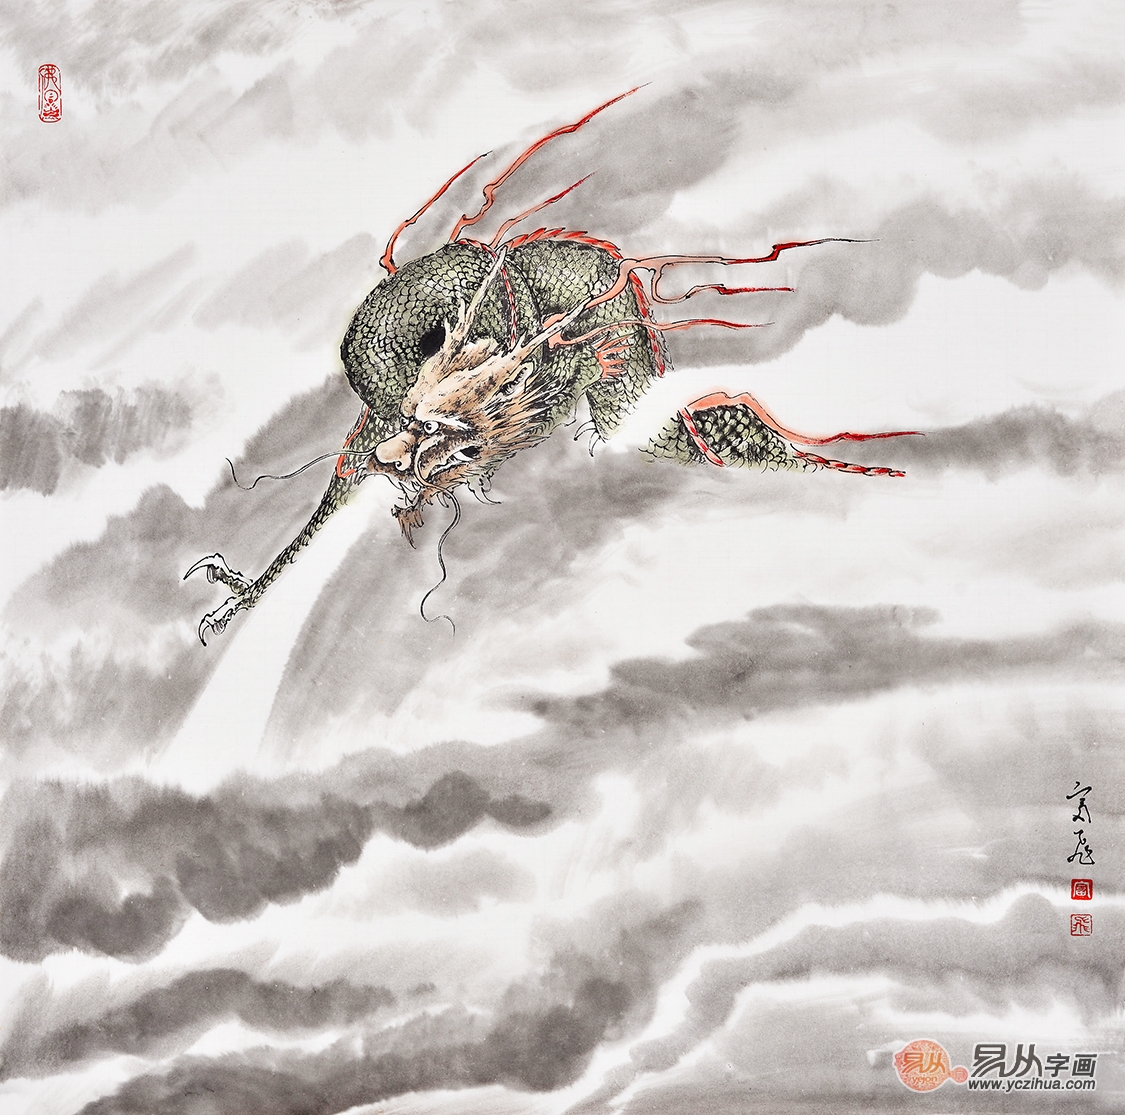 富飞四尺斗方动物画作品十二生肖系列《龙》